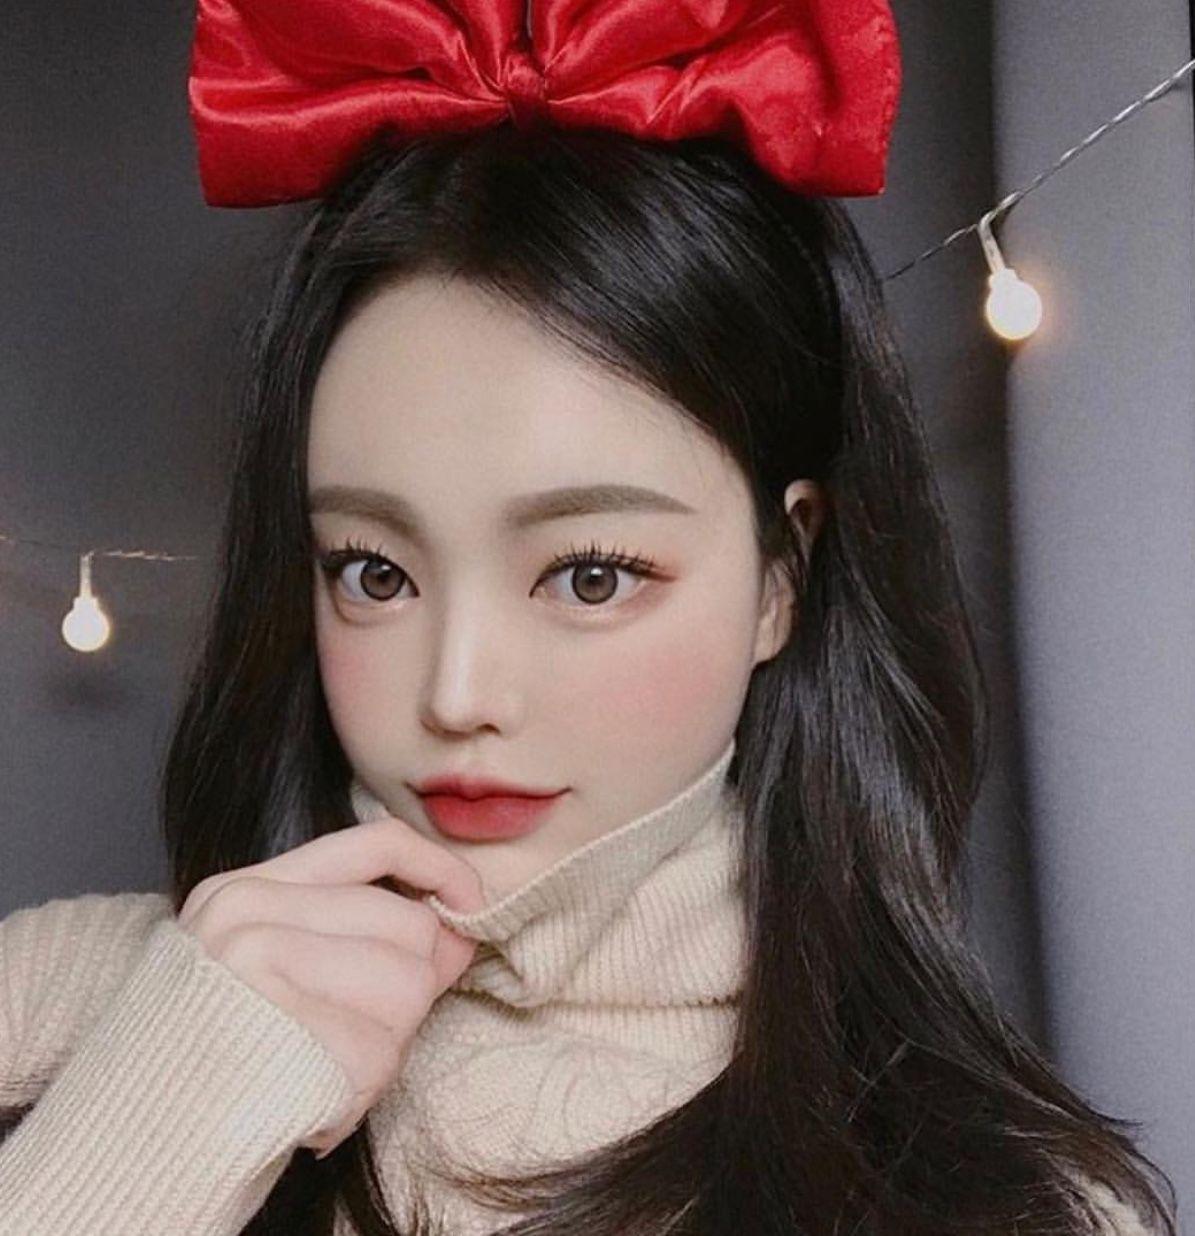 Korean style big eyes makeup | Big eyes makeup, Makeup for green eyes,  Makeup korean style